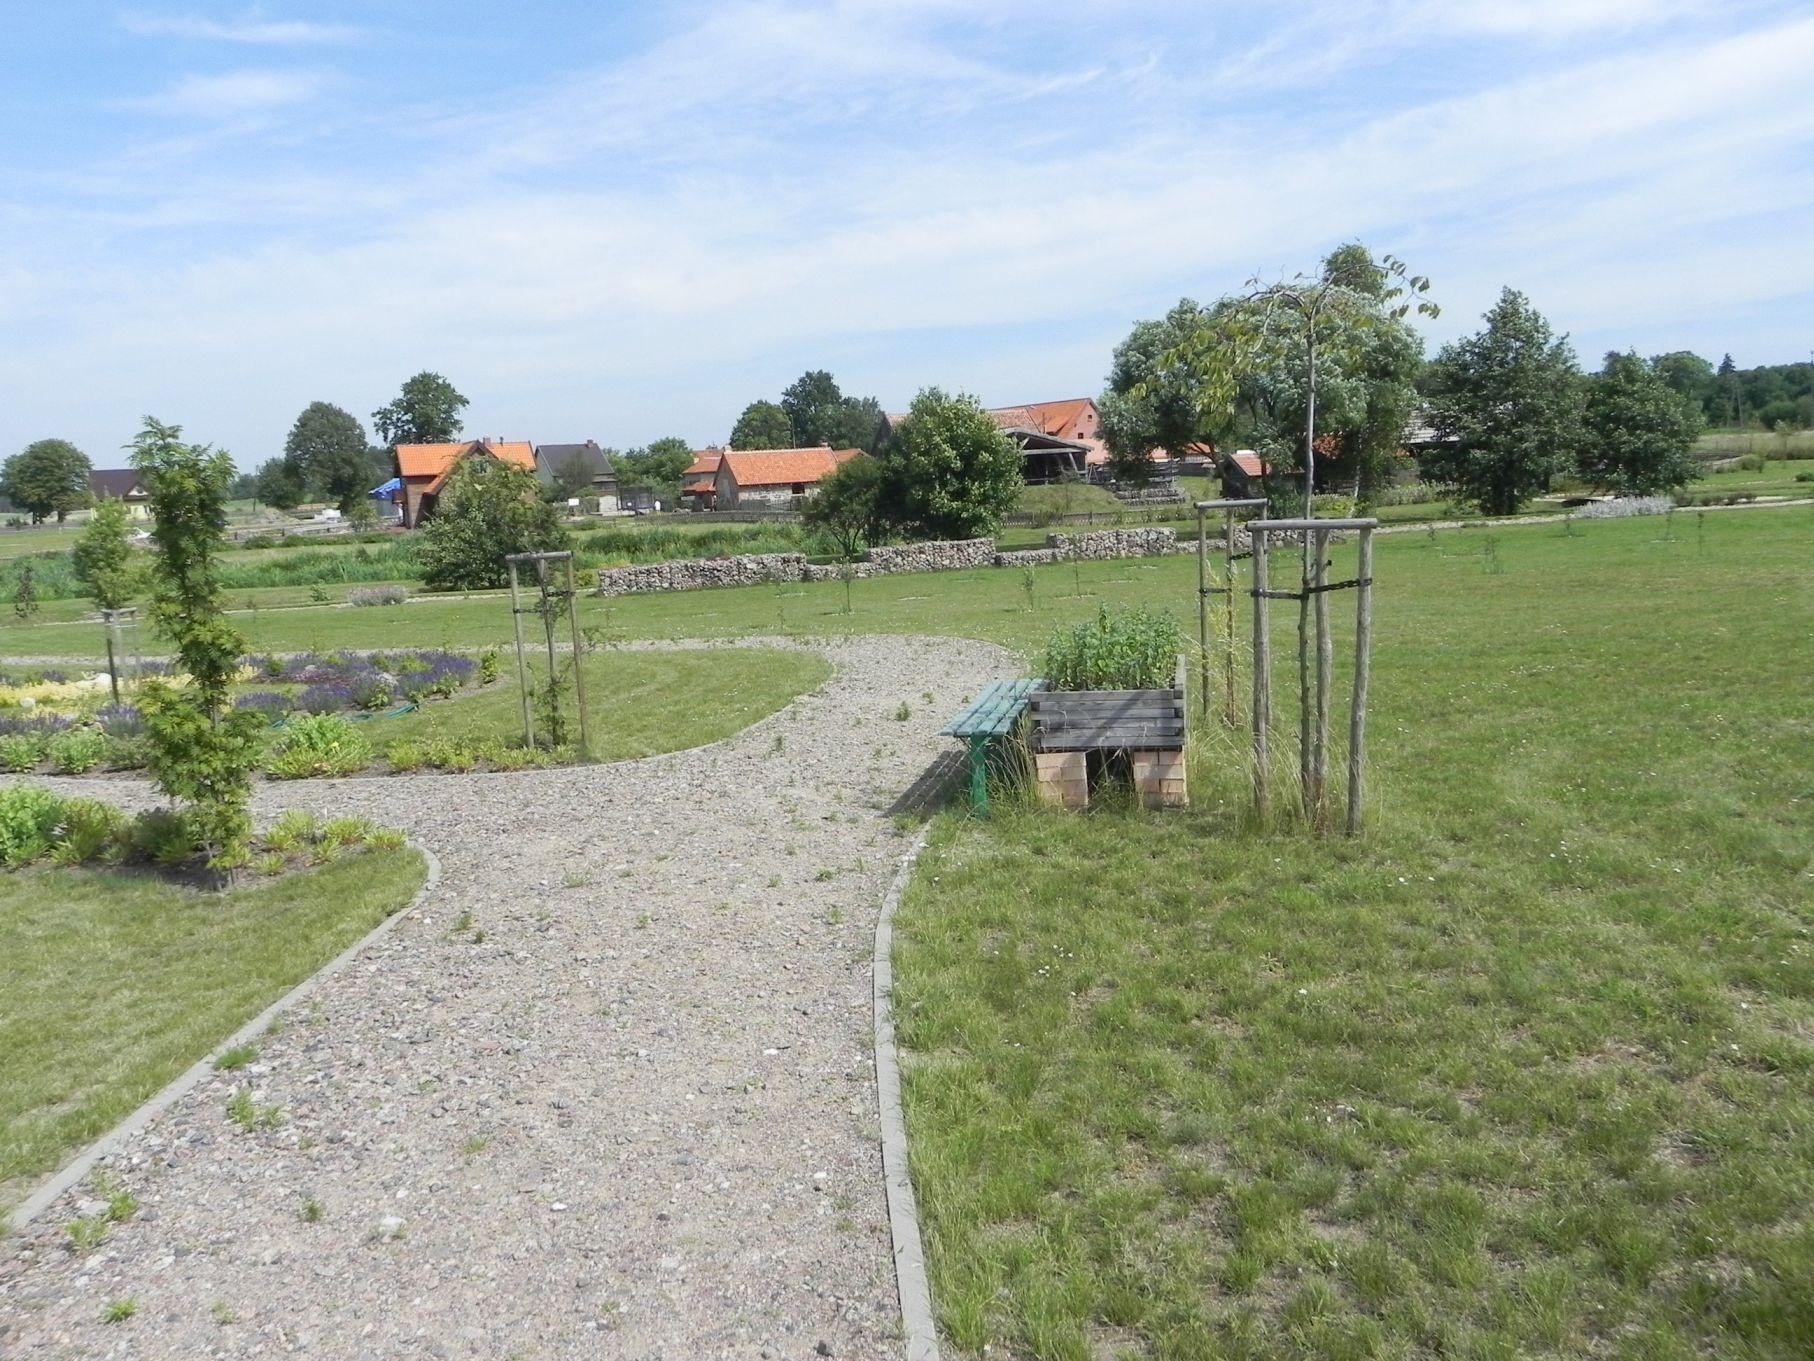 Kamionka - wioski tematyczne (31)